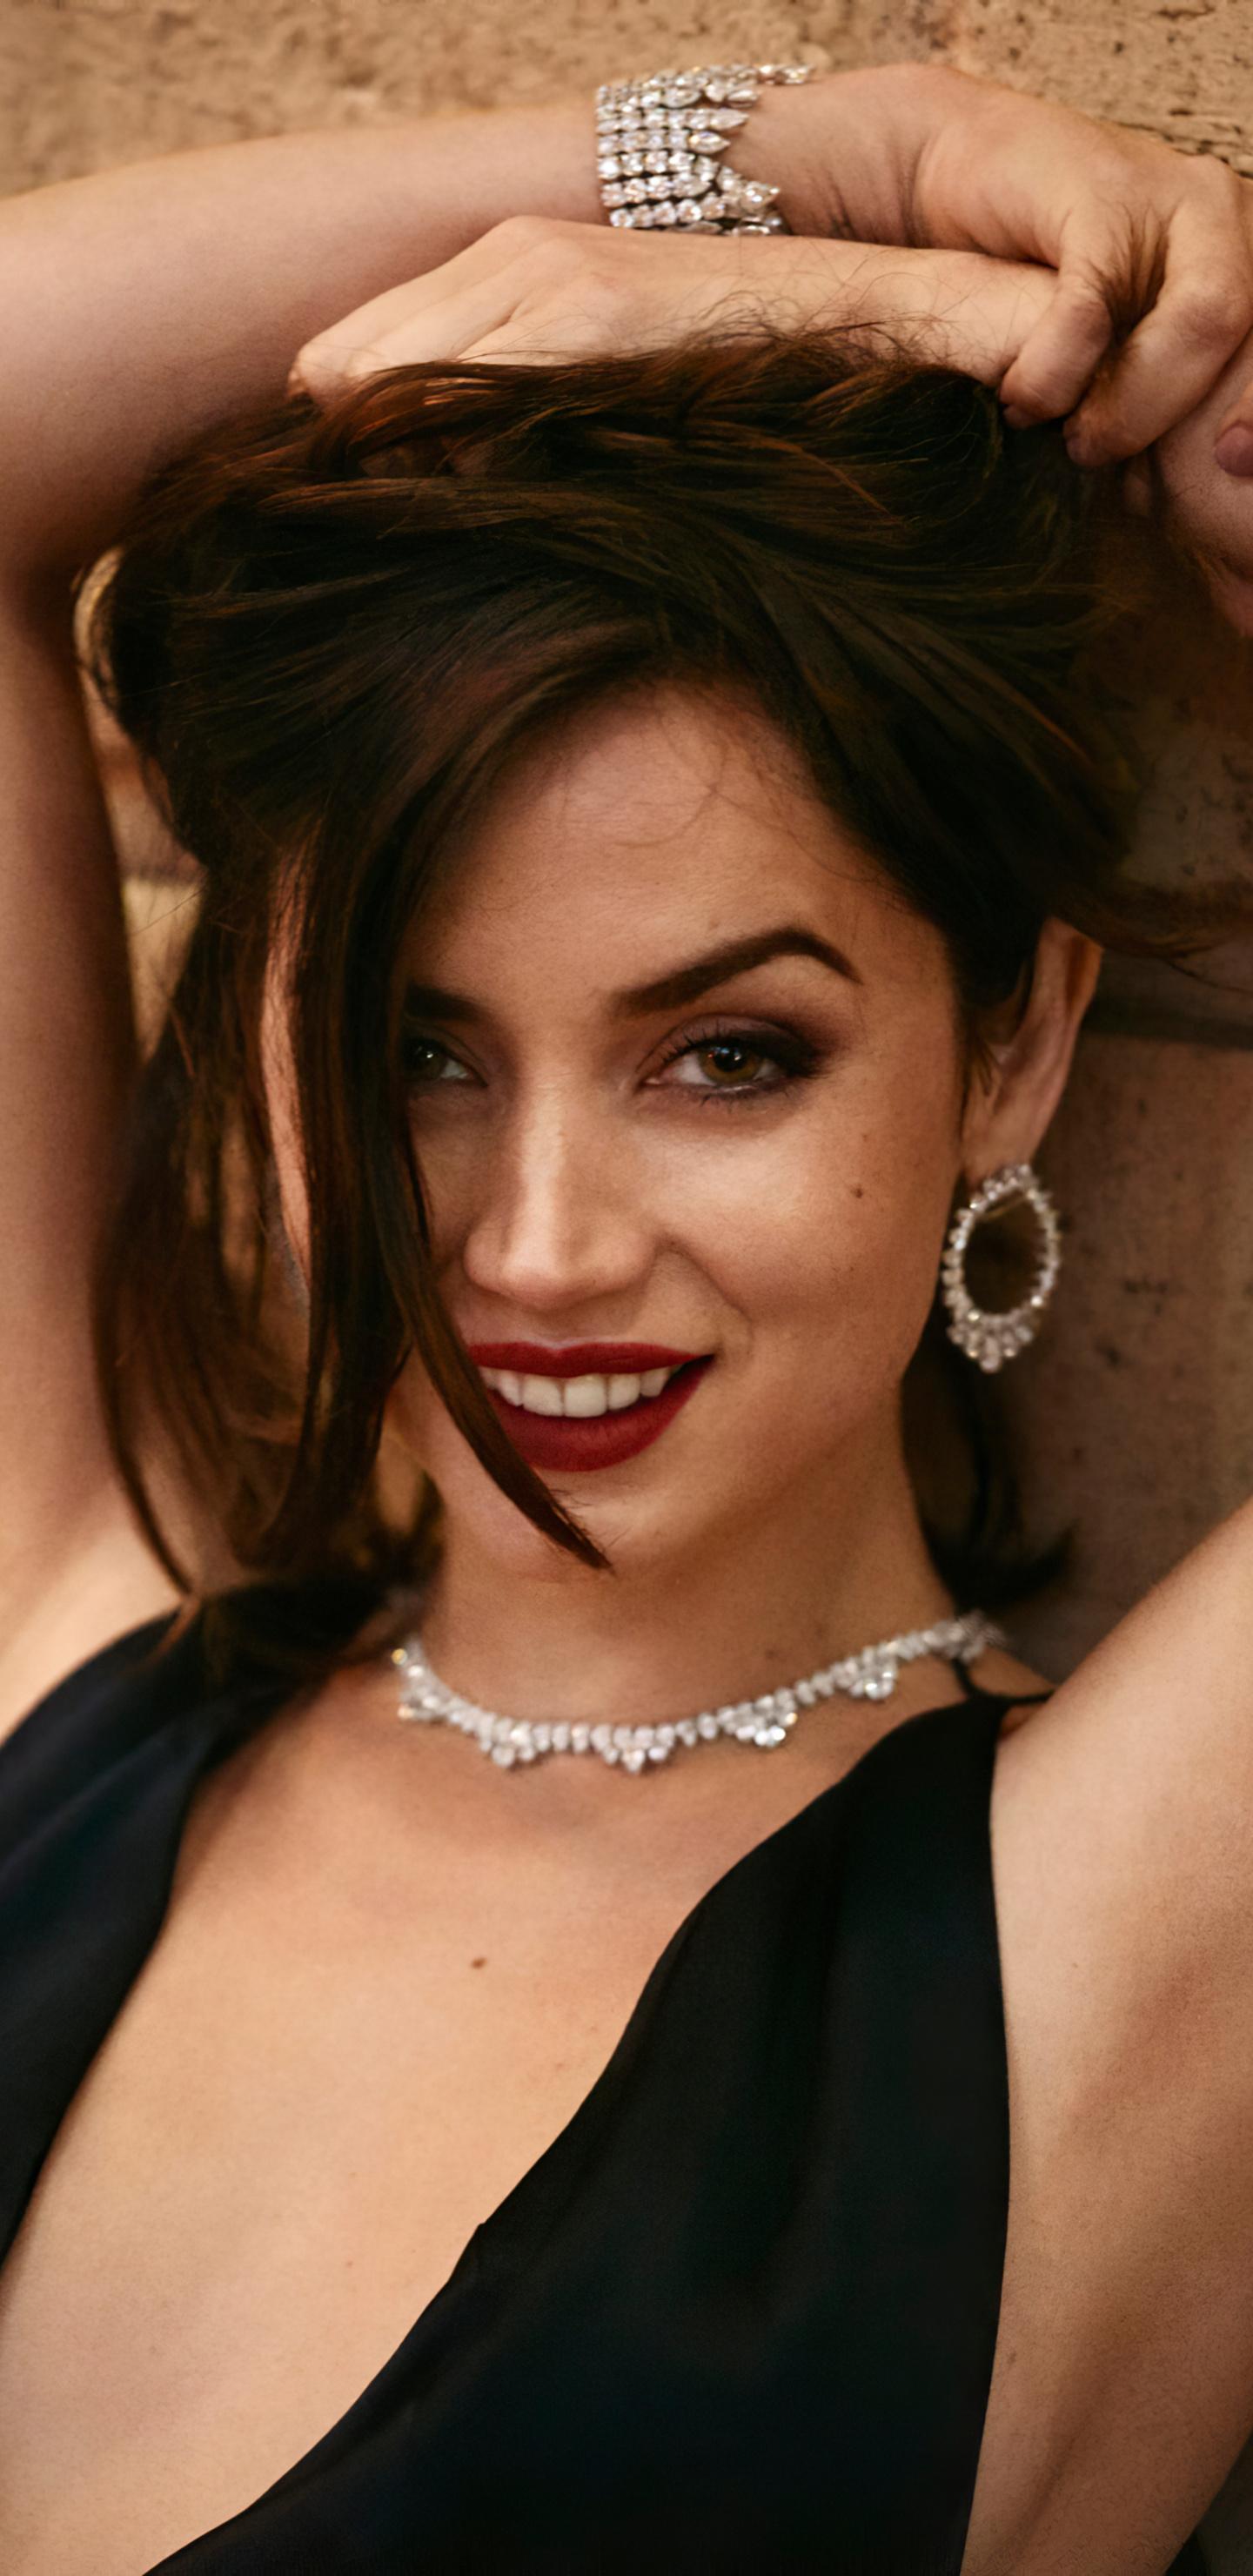 ana-de-armas-2020-actress-bp.jpg